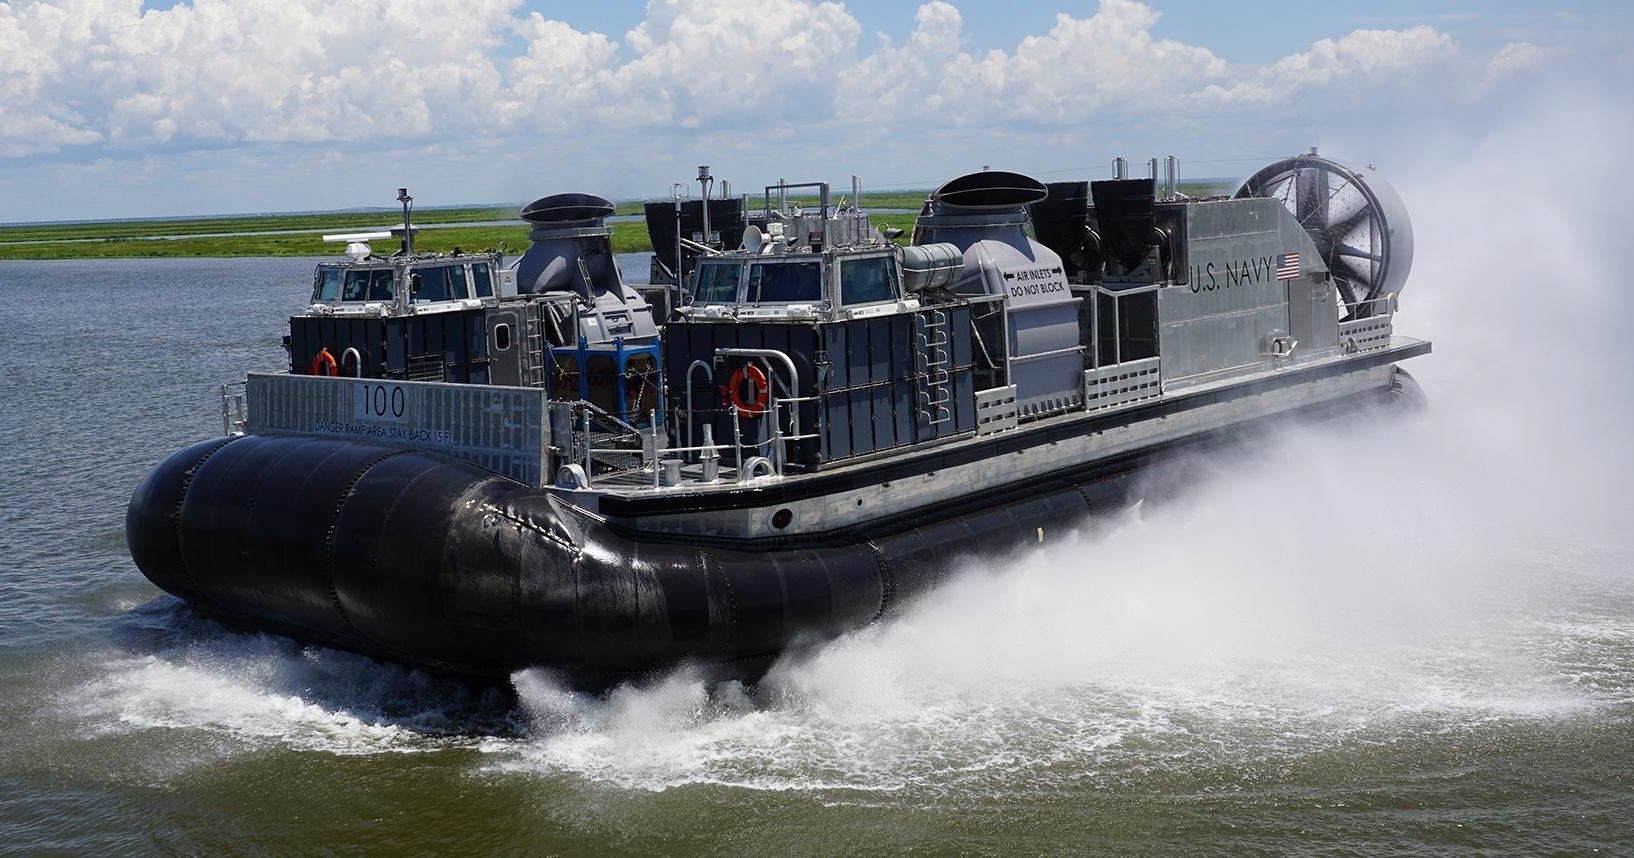 ВМС США испытают судно на воздушной подушке мощностью 25 000 л.с.